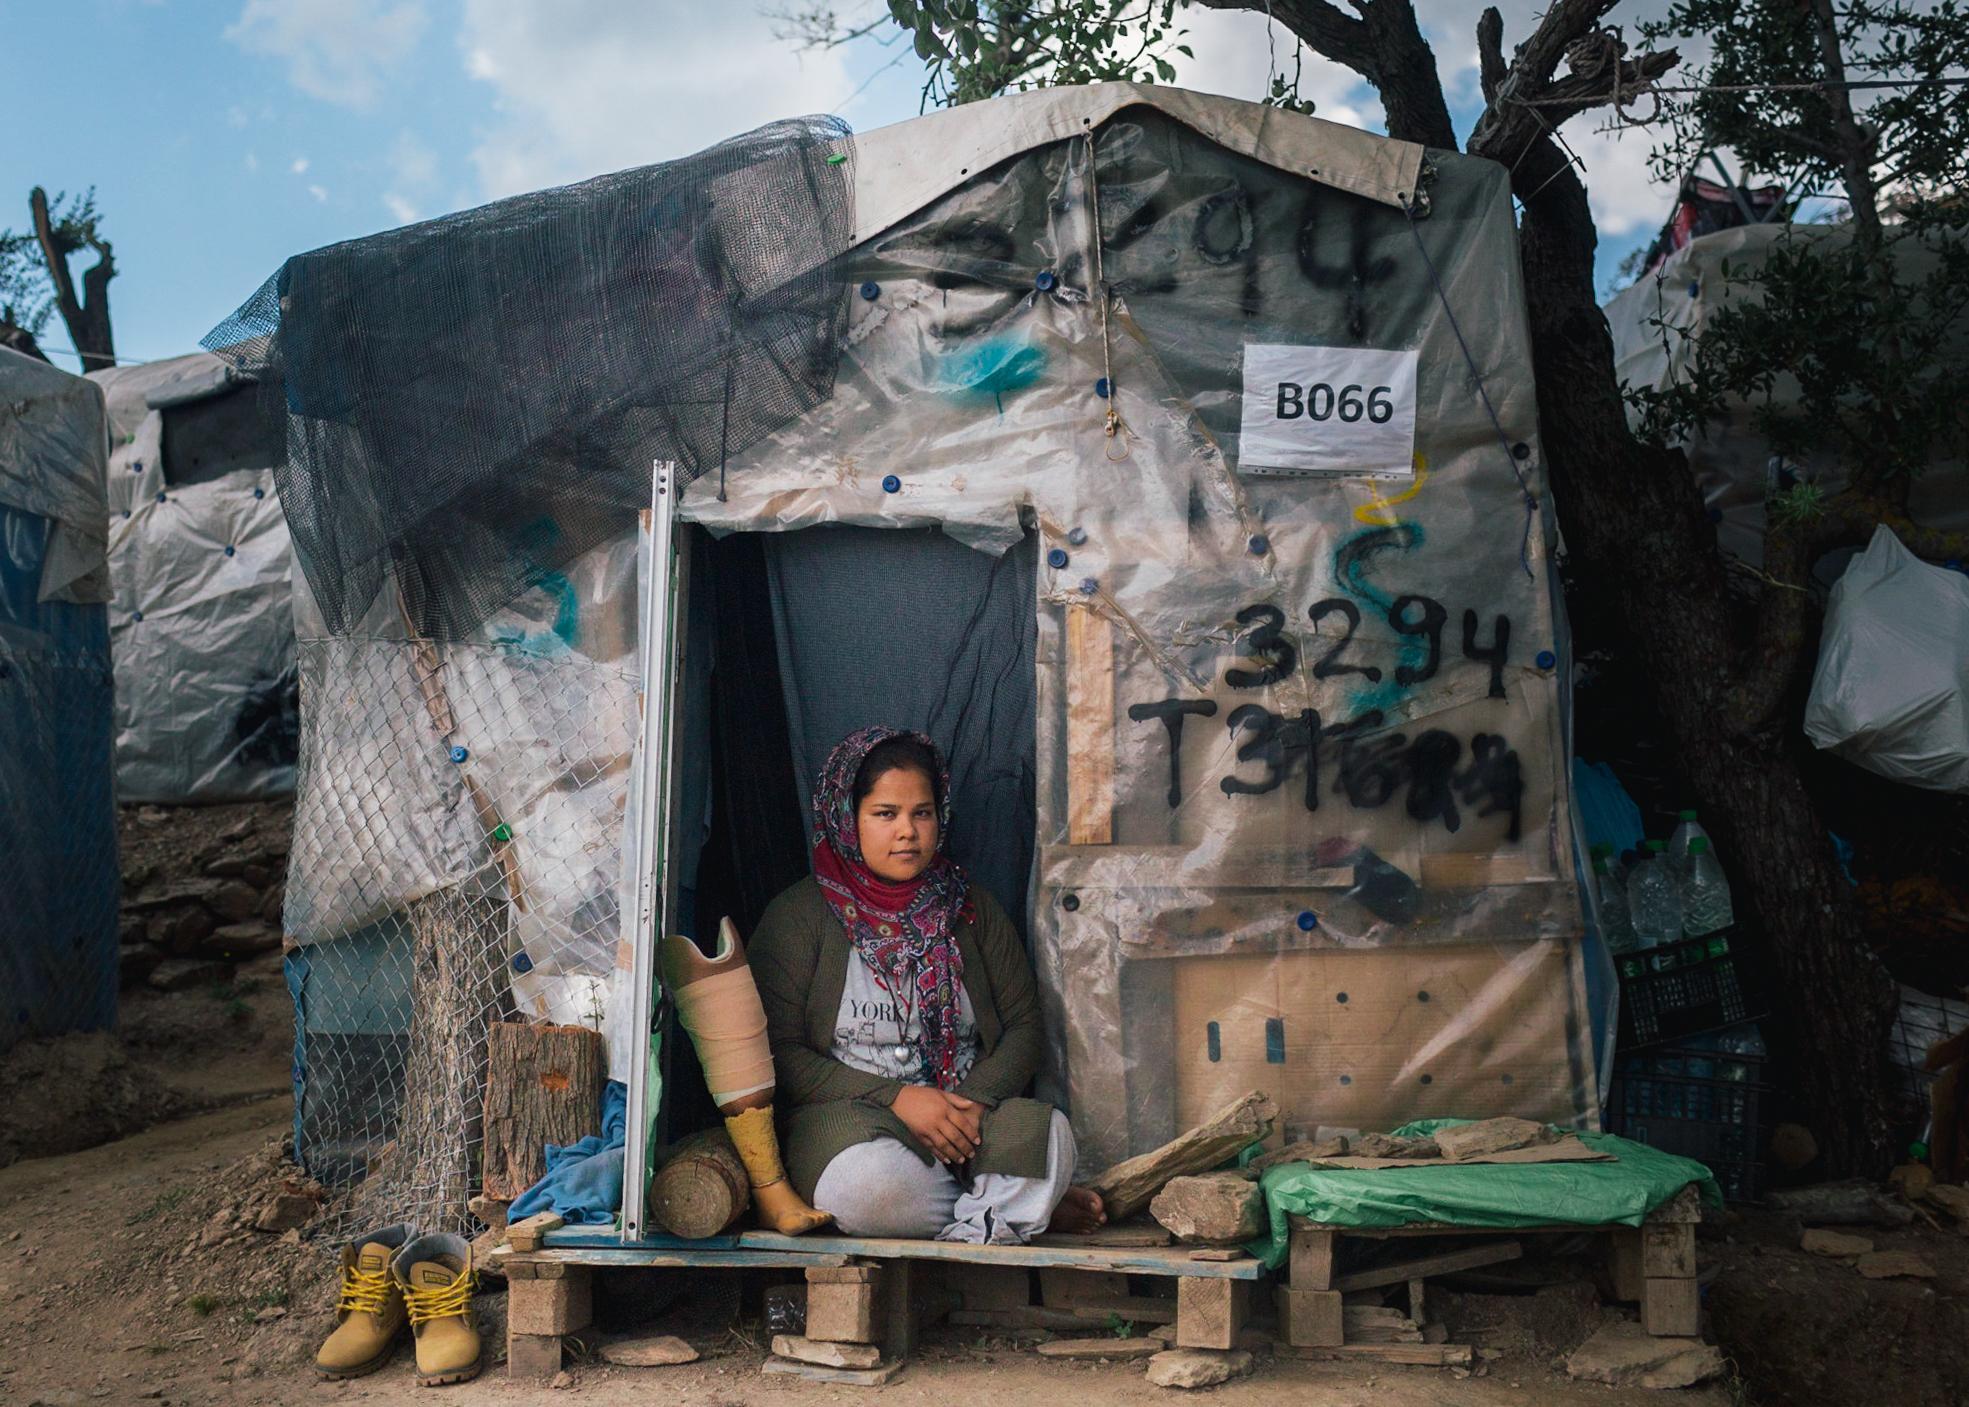 Zainab B. (19) in ihrem Zelt im Flüchtlingslager Moria auf der Insel Lesbos in Griechenland